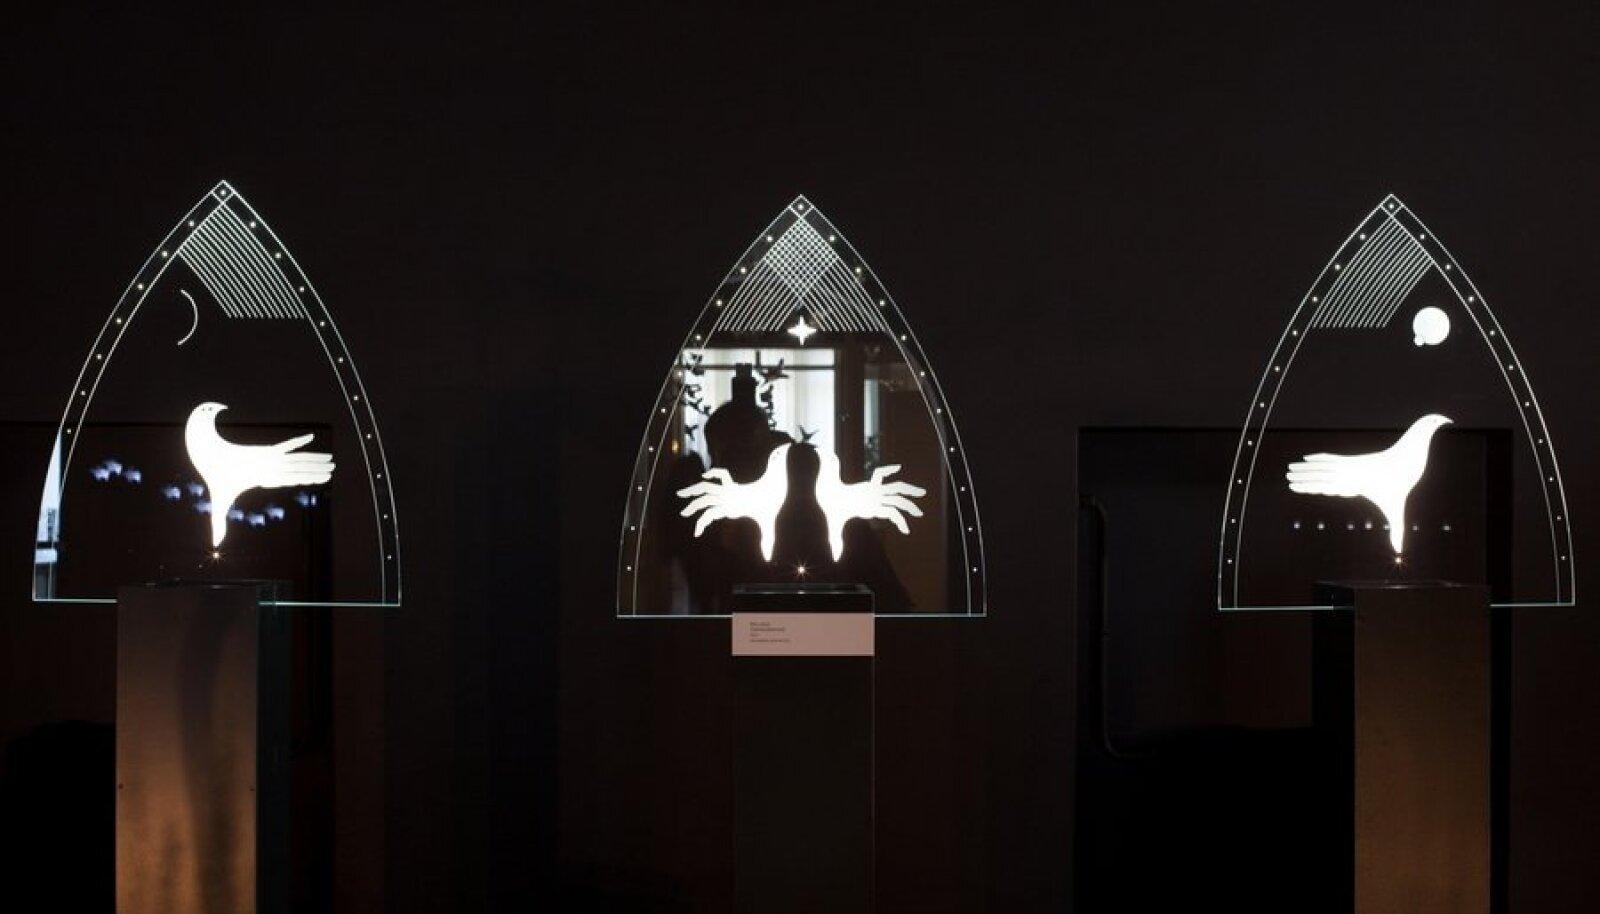 Eesti Klaasikunstnike Ühenduse aastanäituse avamine Rakvere pangahoones